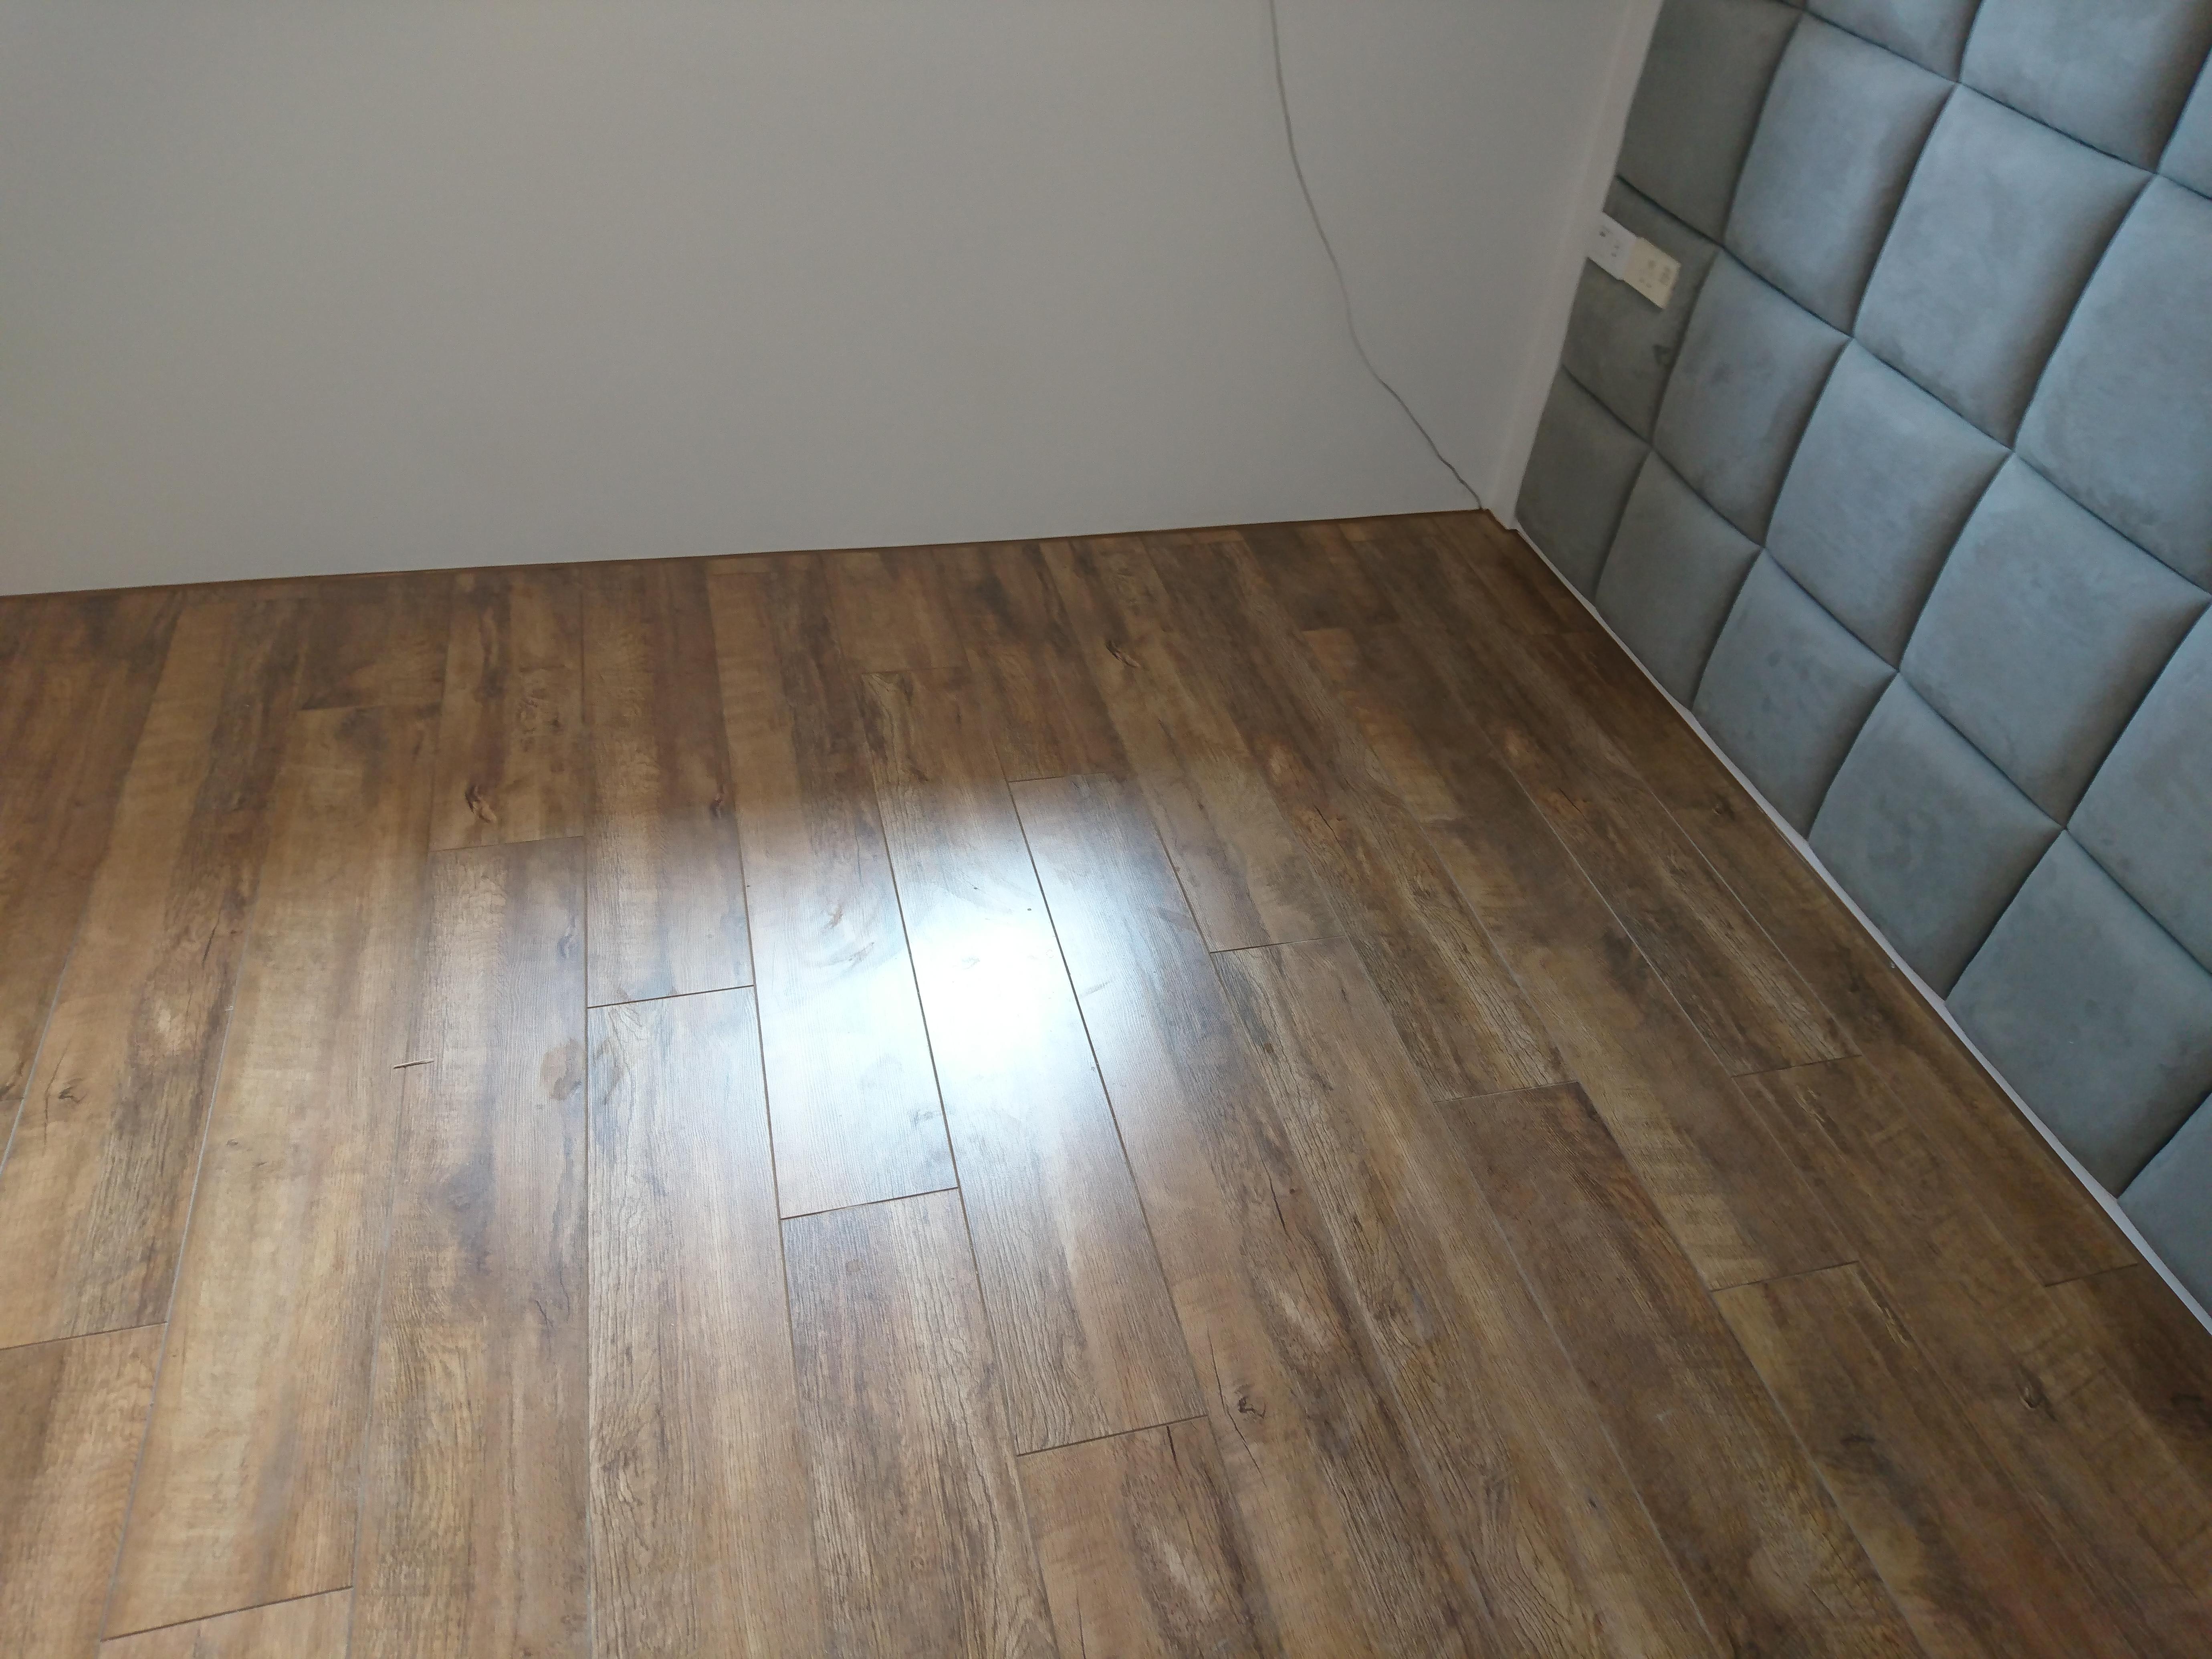 Vitality 超耐磨地板(比利時原裝進口) 328穀倉橡木